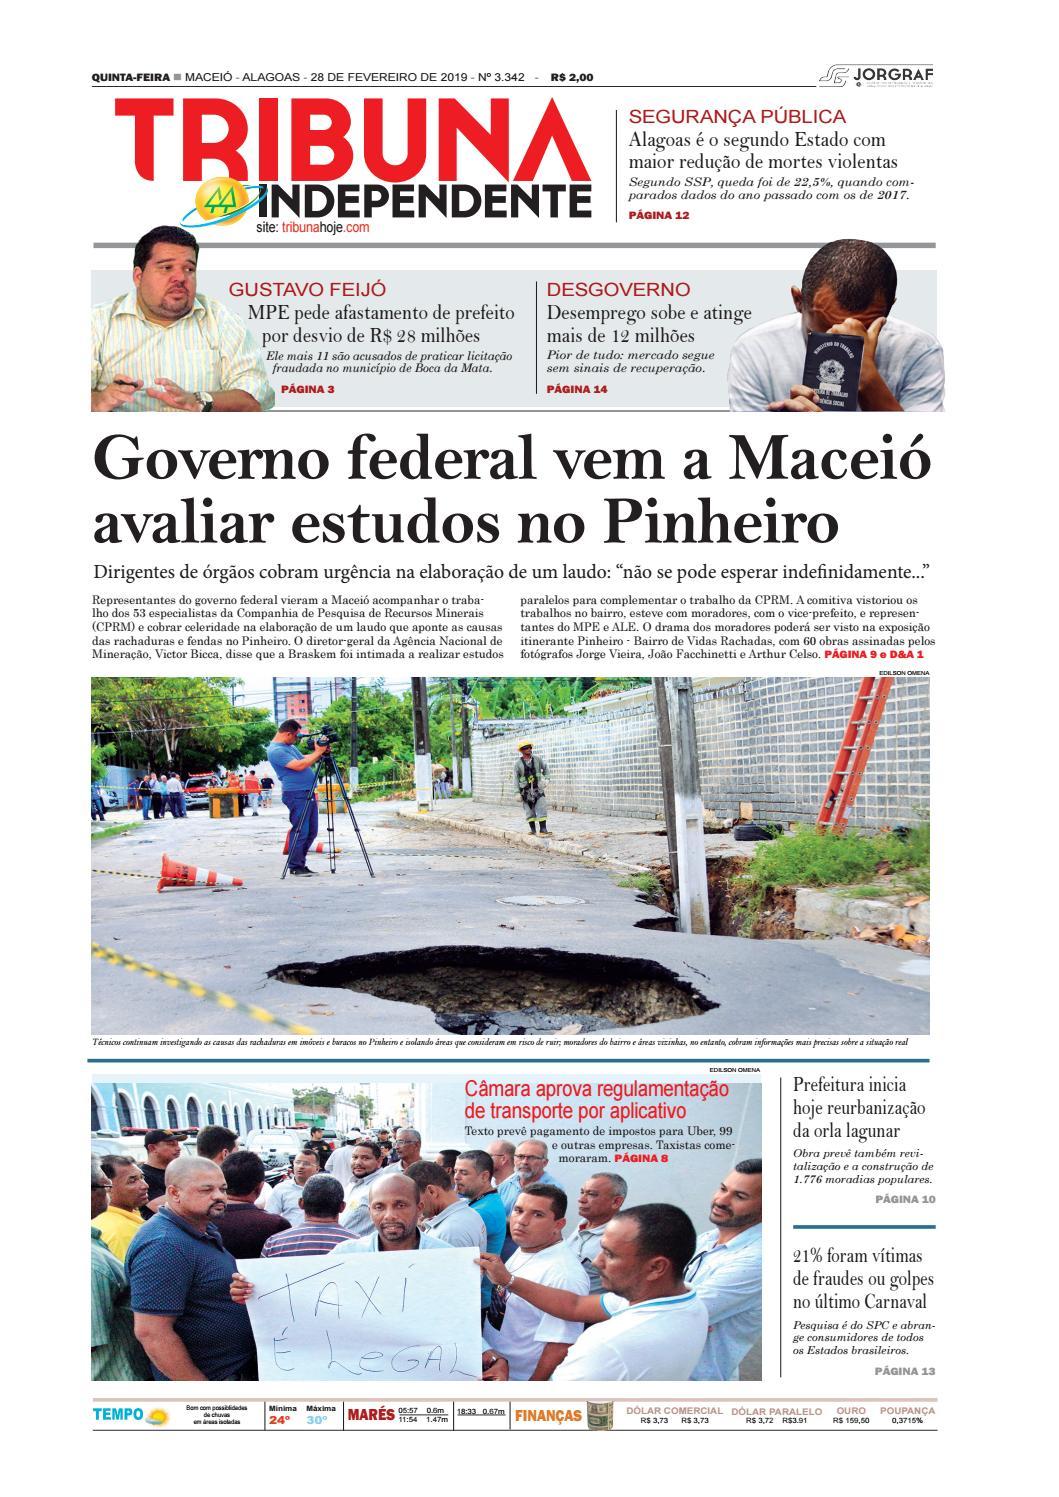 5b2115f2e4b2e Edição número 3342 - 28 de fevereiro de 2019 by Tribuna Hoje - issuu